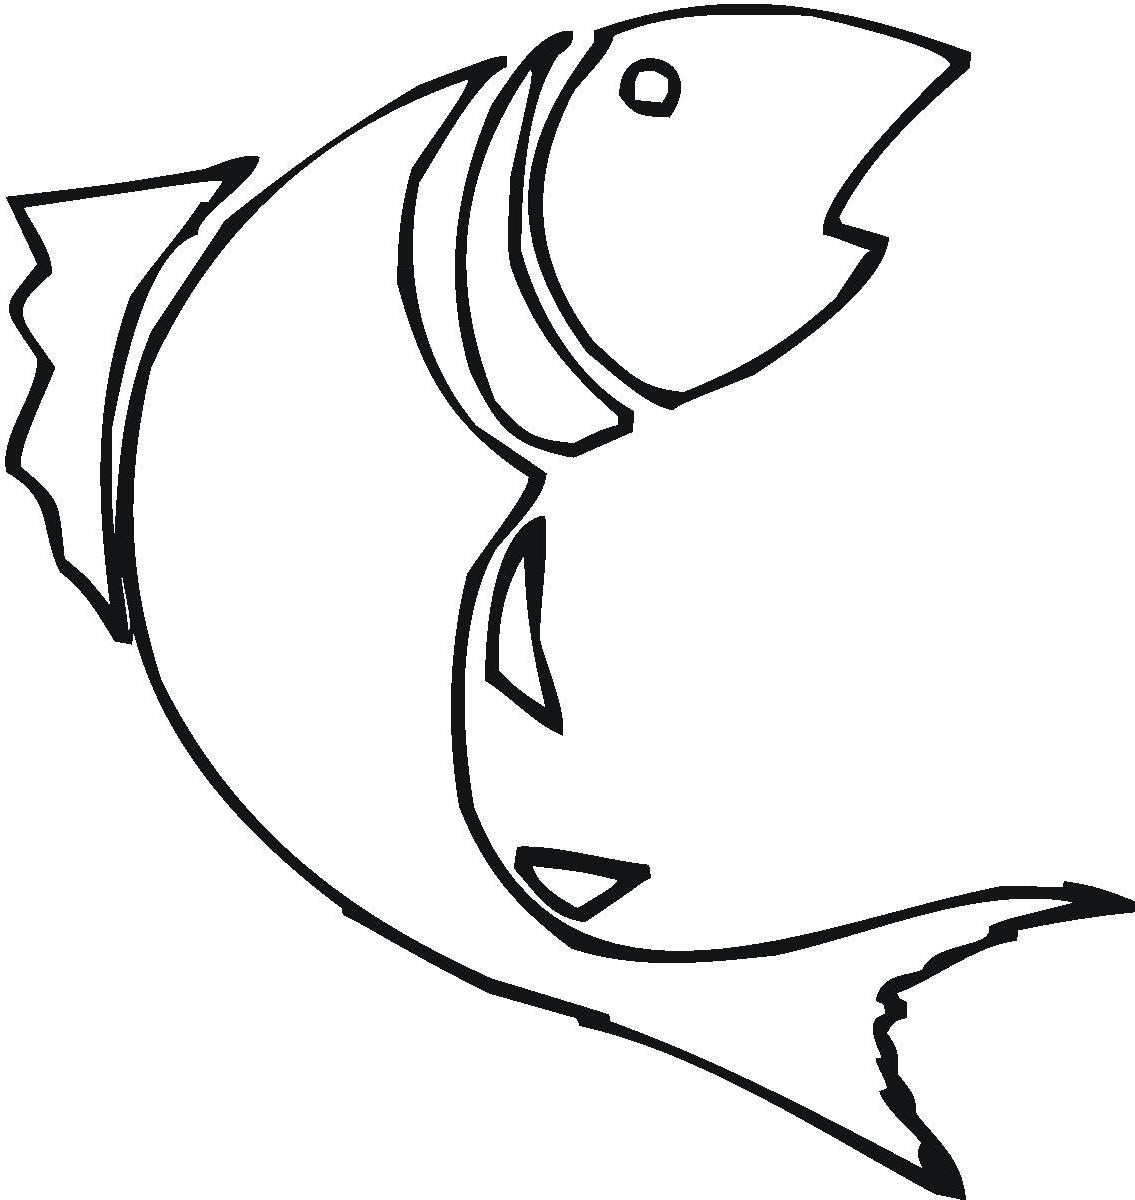 1135x1200 Best Hd Bass Fish Outline Clip Art Design